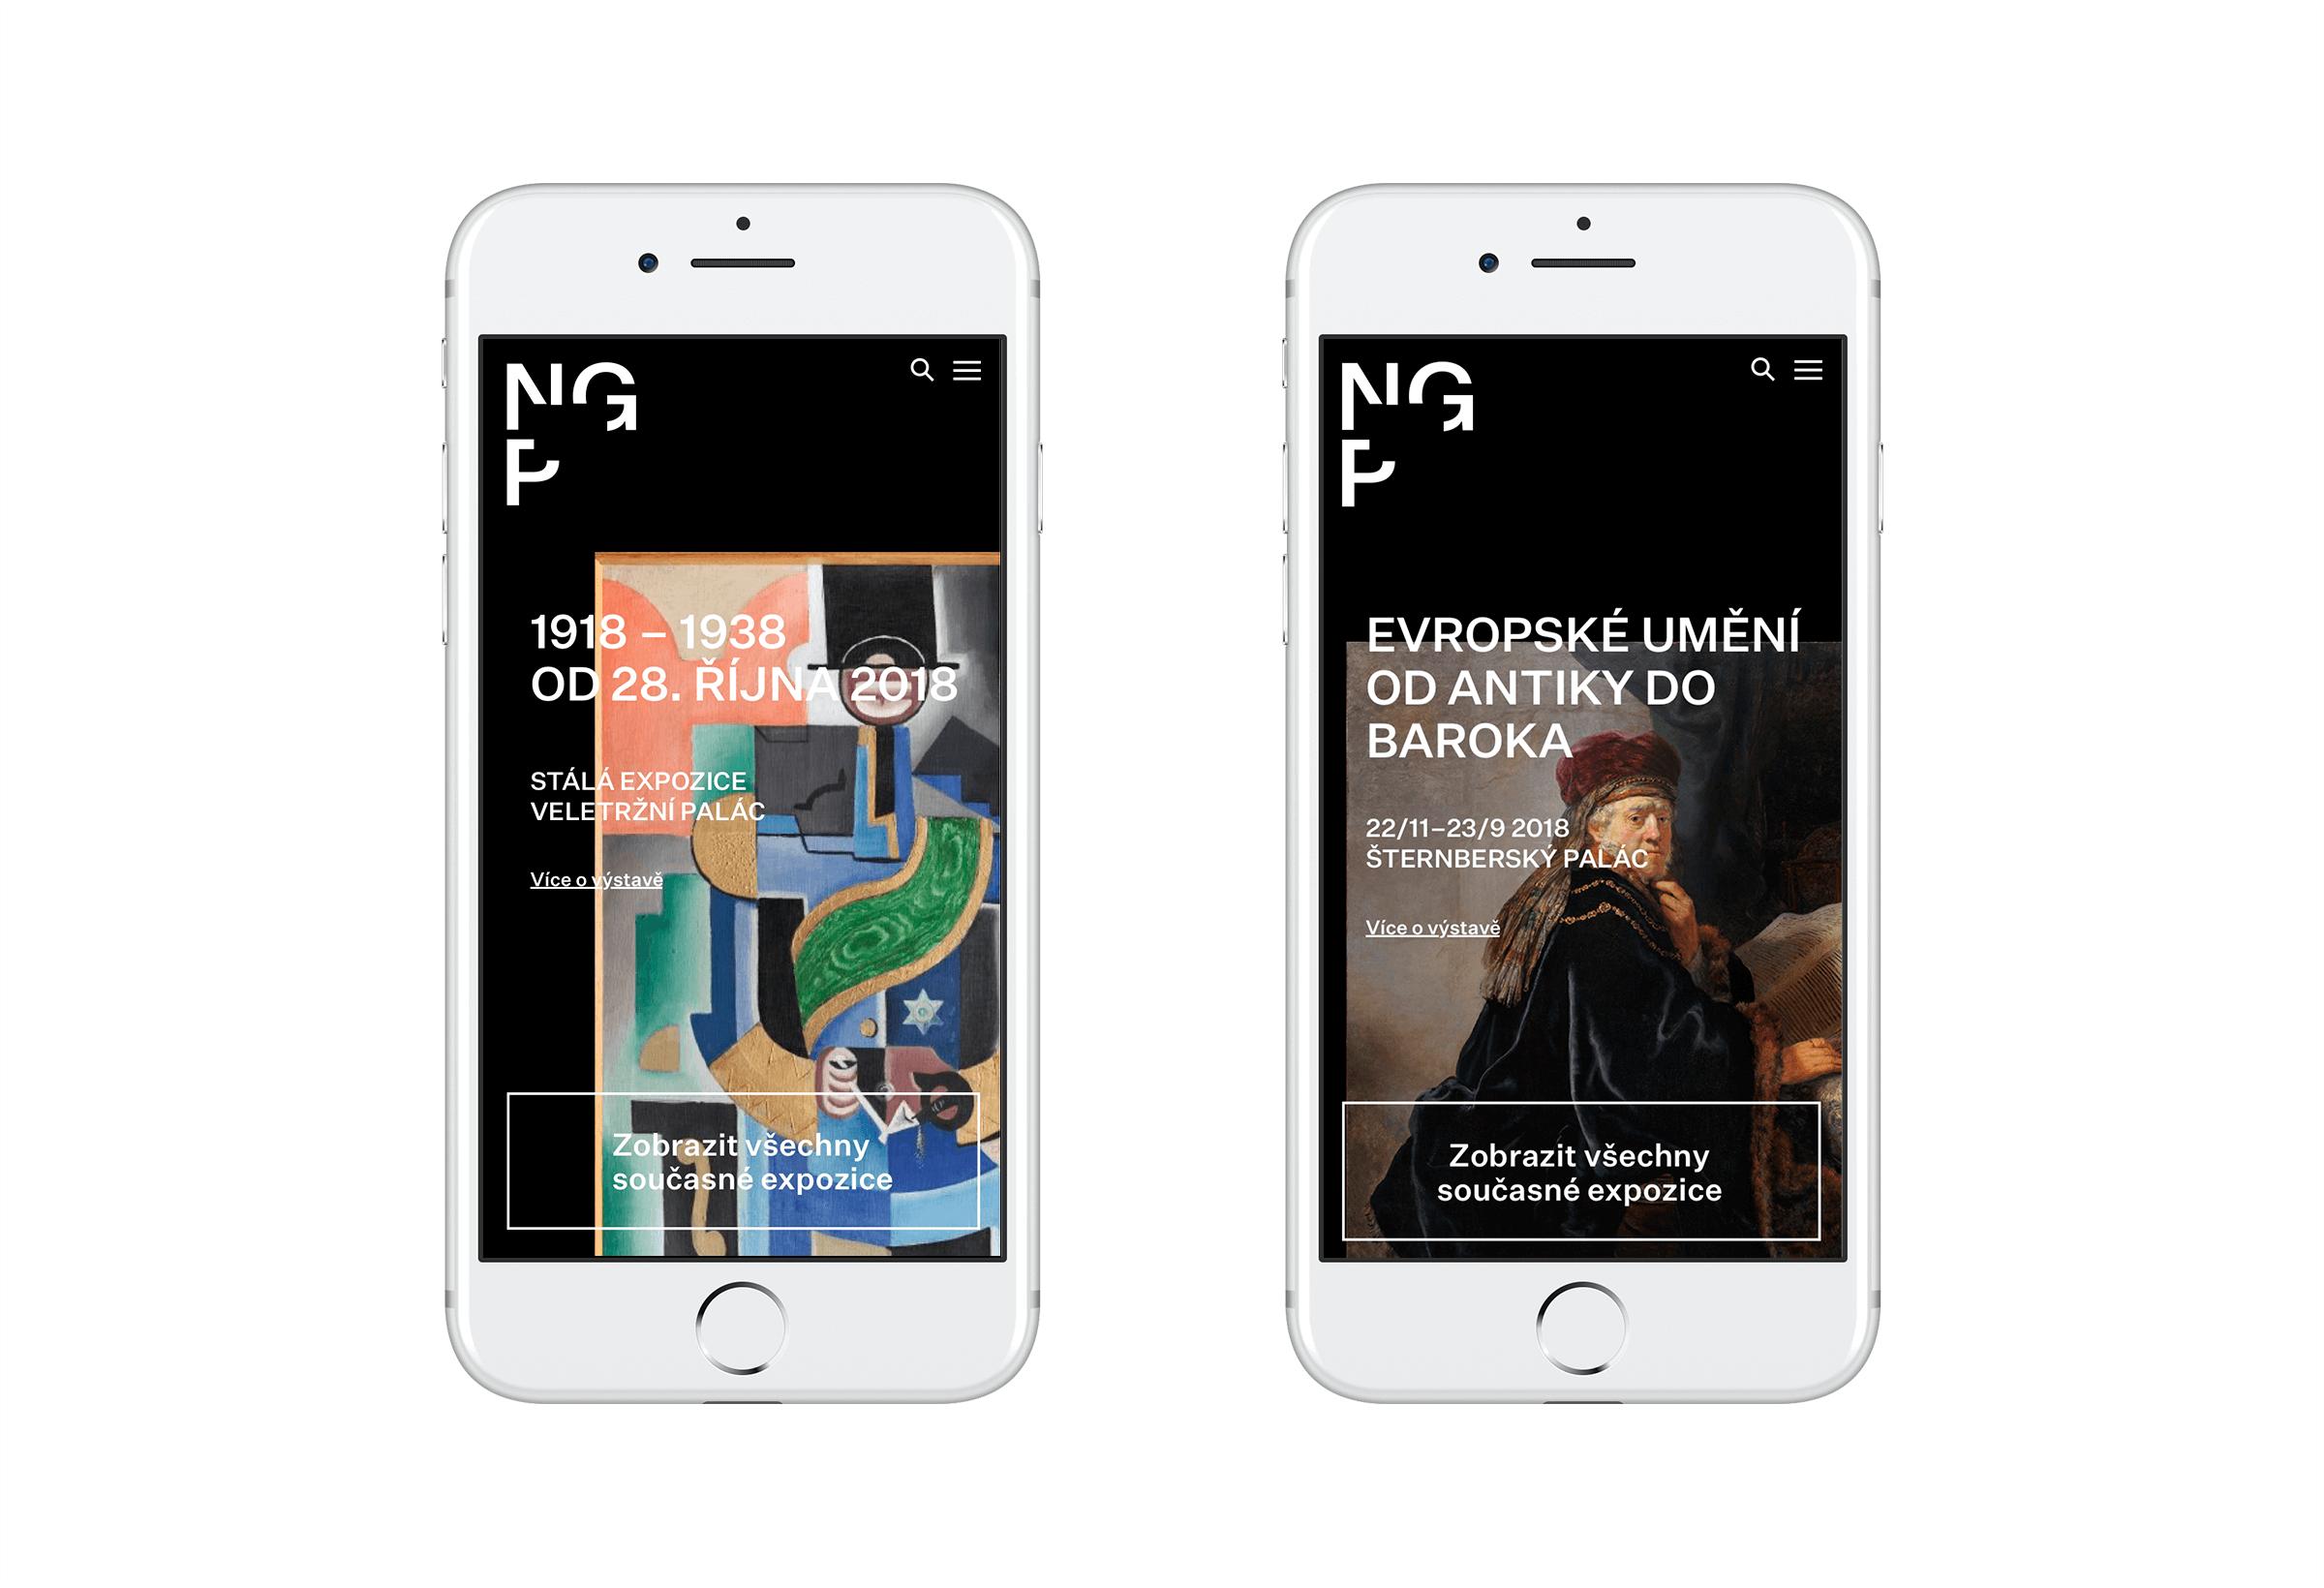 NGP_Web_mobile_2